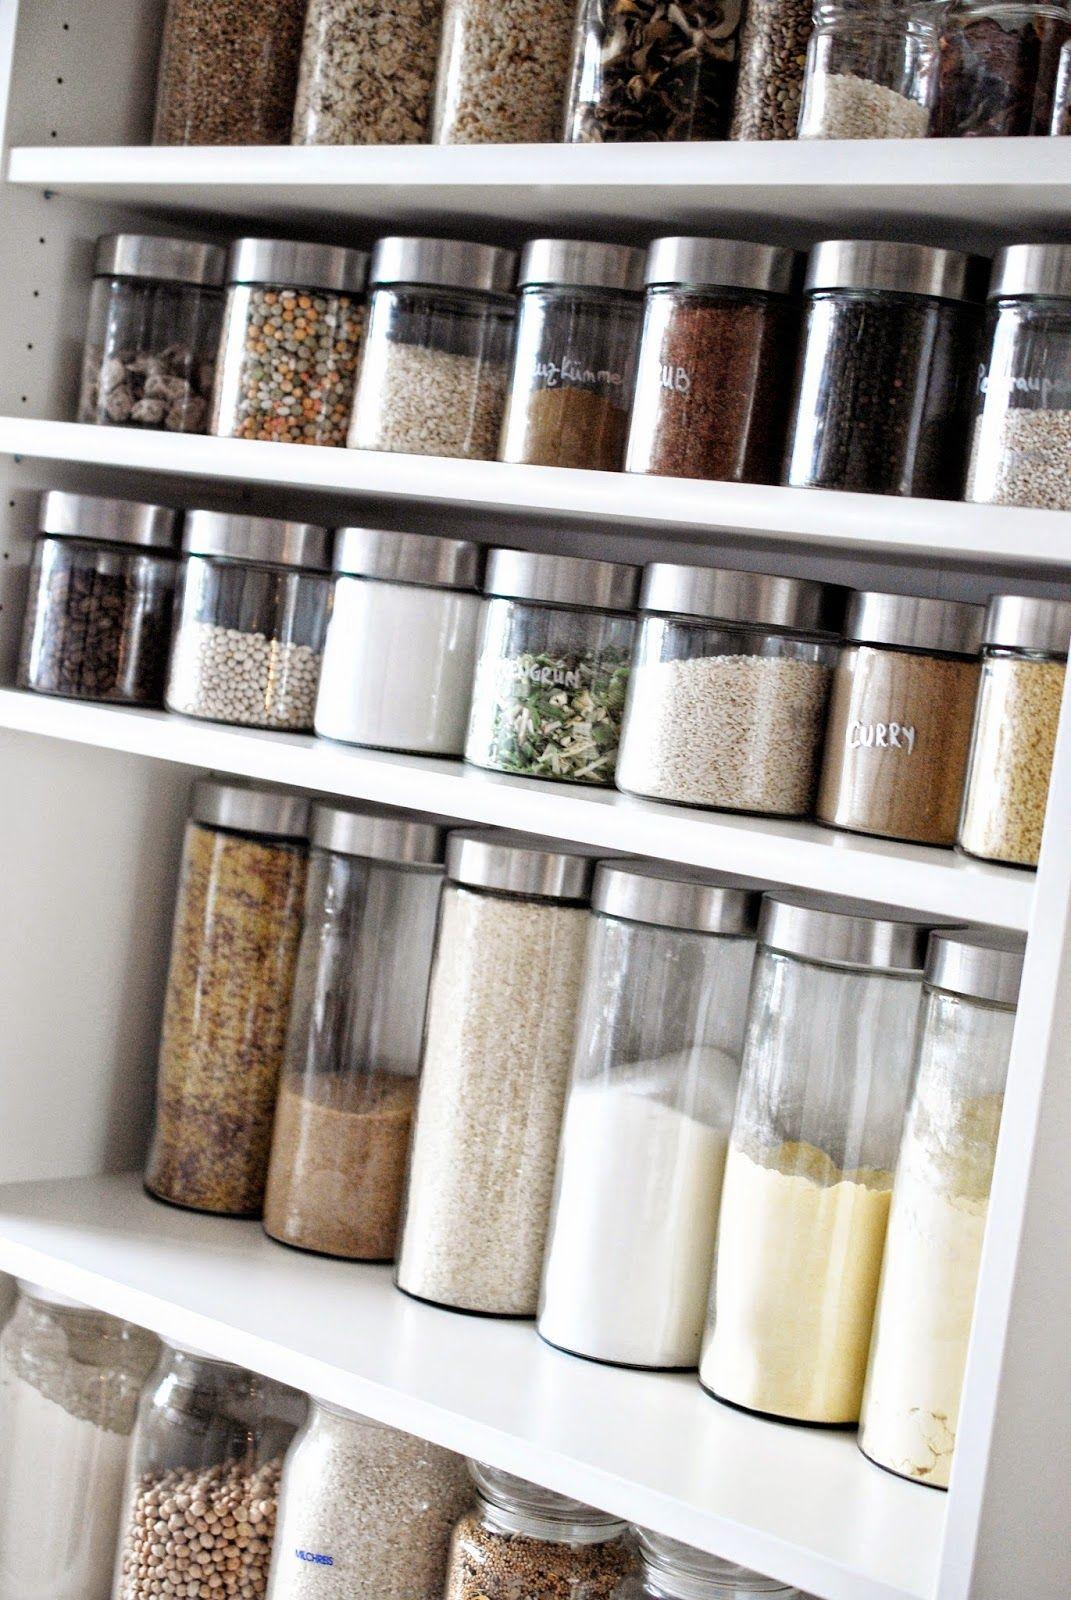 Vorratsschrank organisieren  Speisekammer organisieren, Ordnung